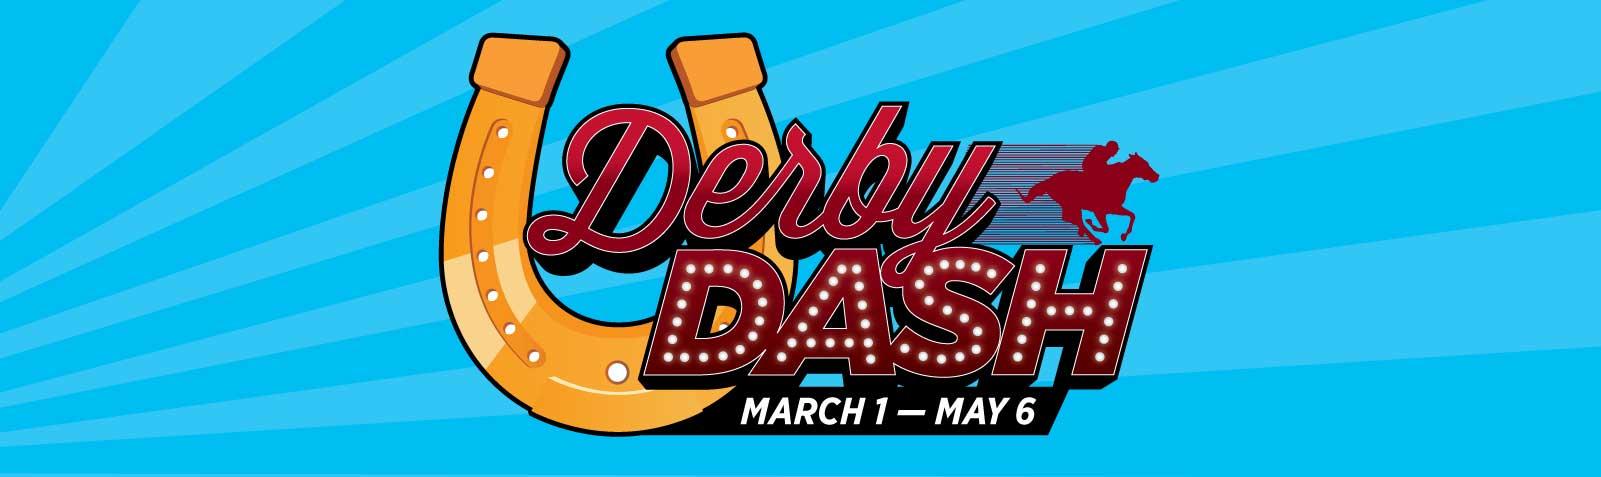 MKT17-066-2017-Derby-Dash-Slider-web